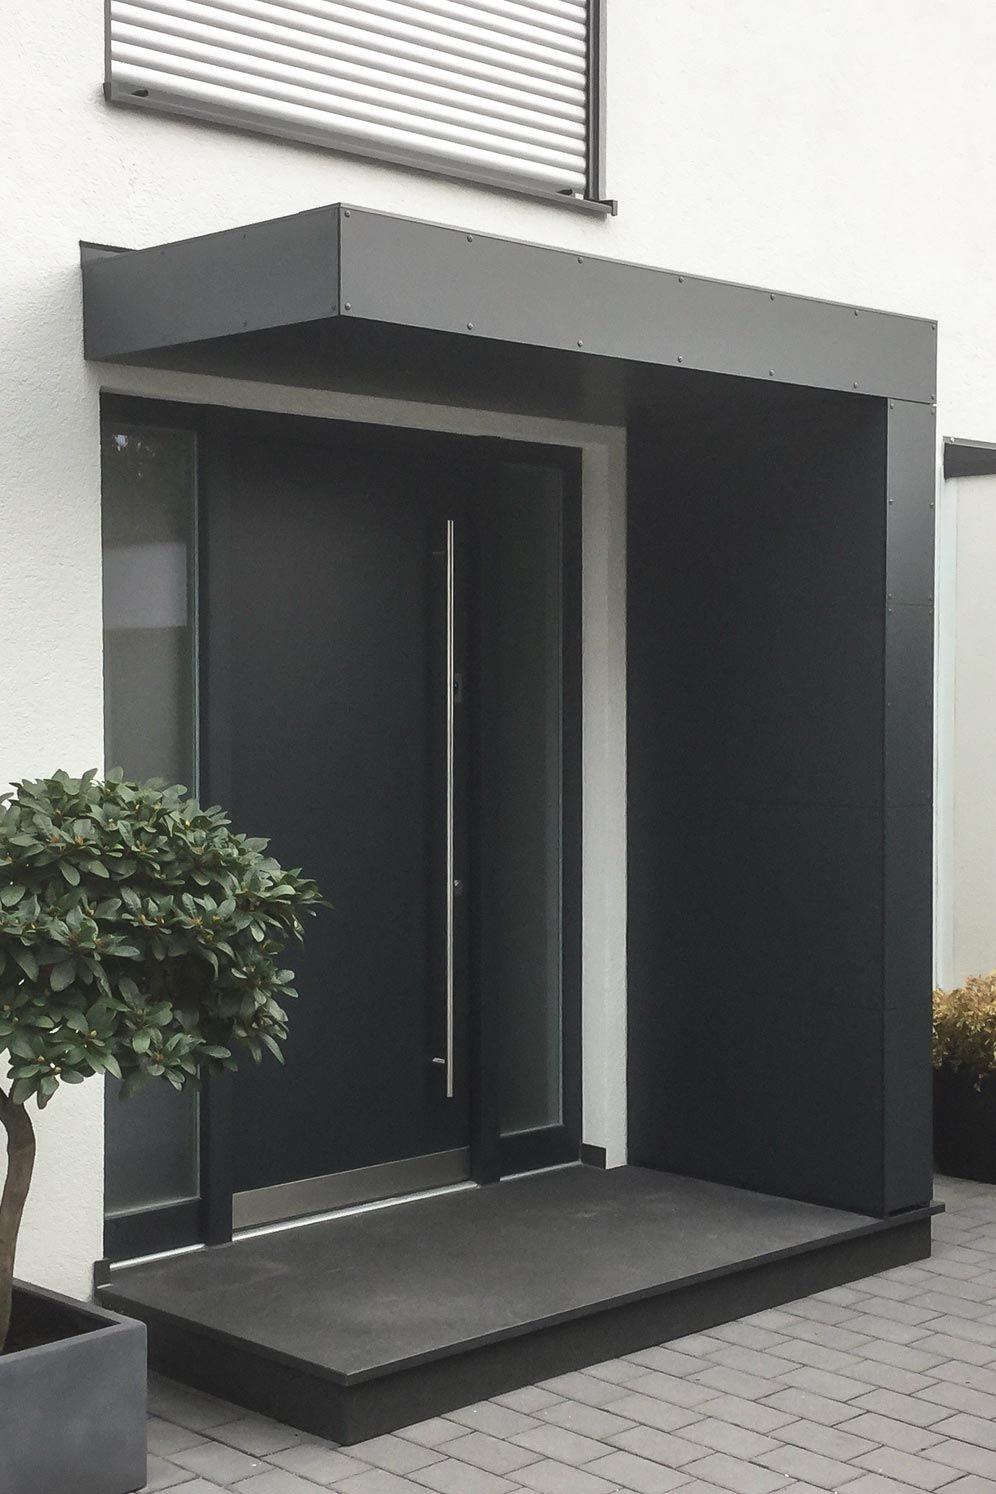 Eingangsüberdachung / Vordach für Haustüren von Siebau in